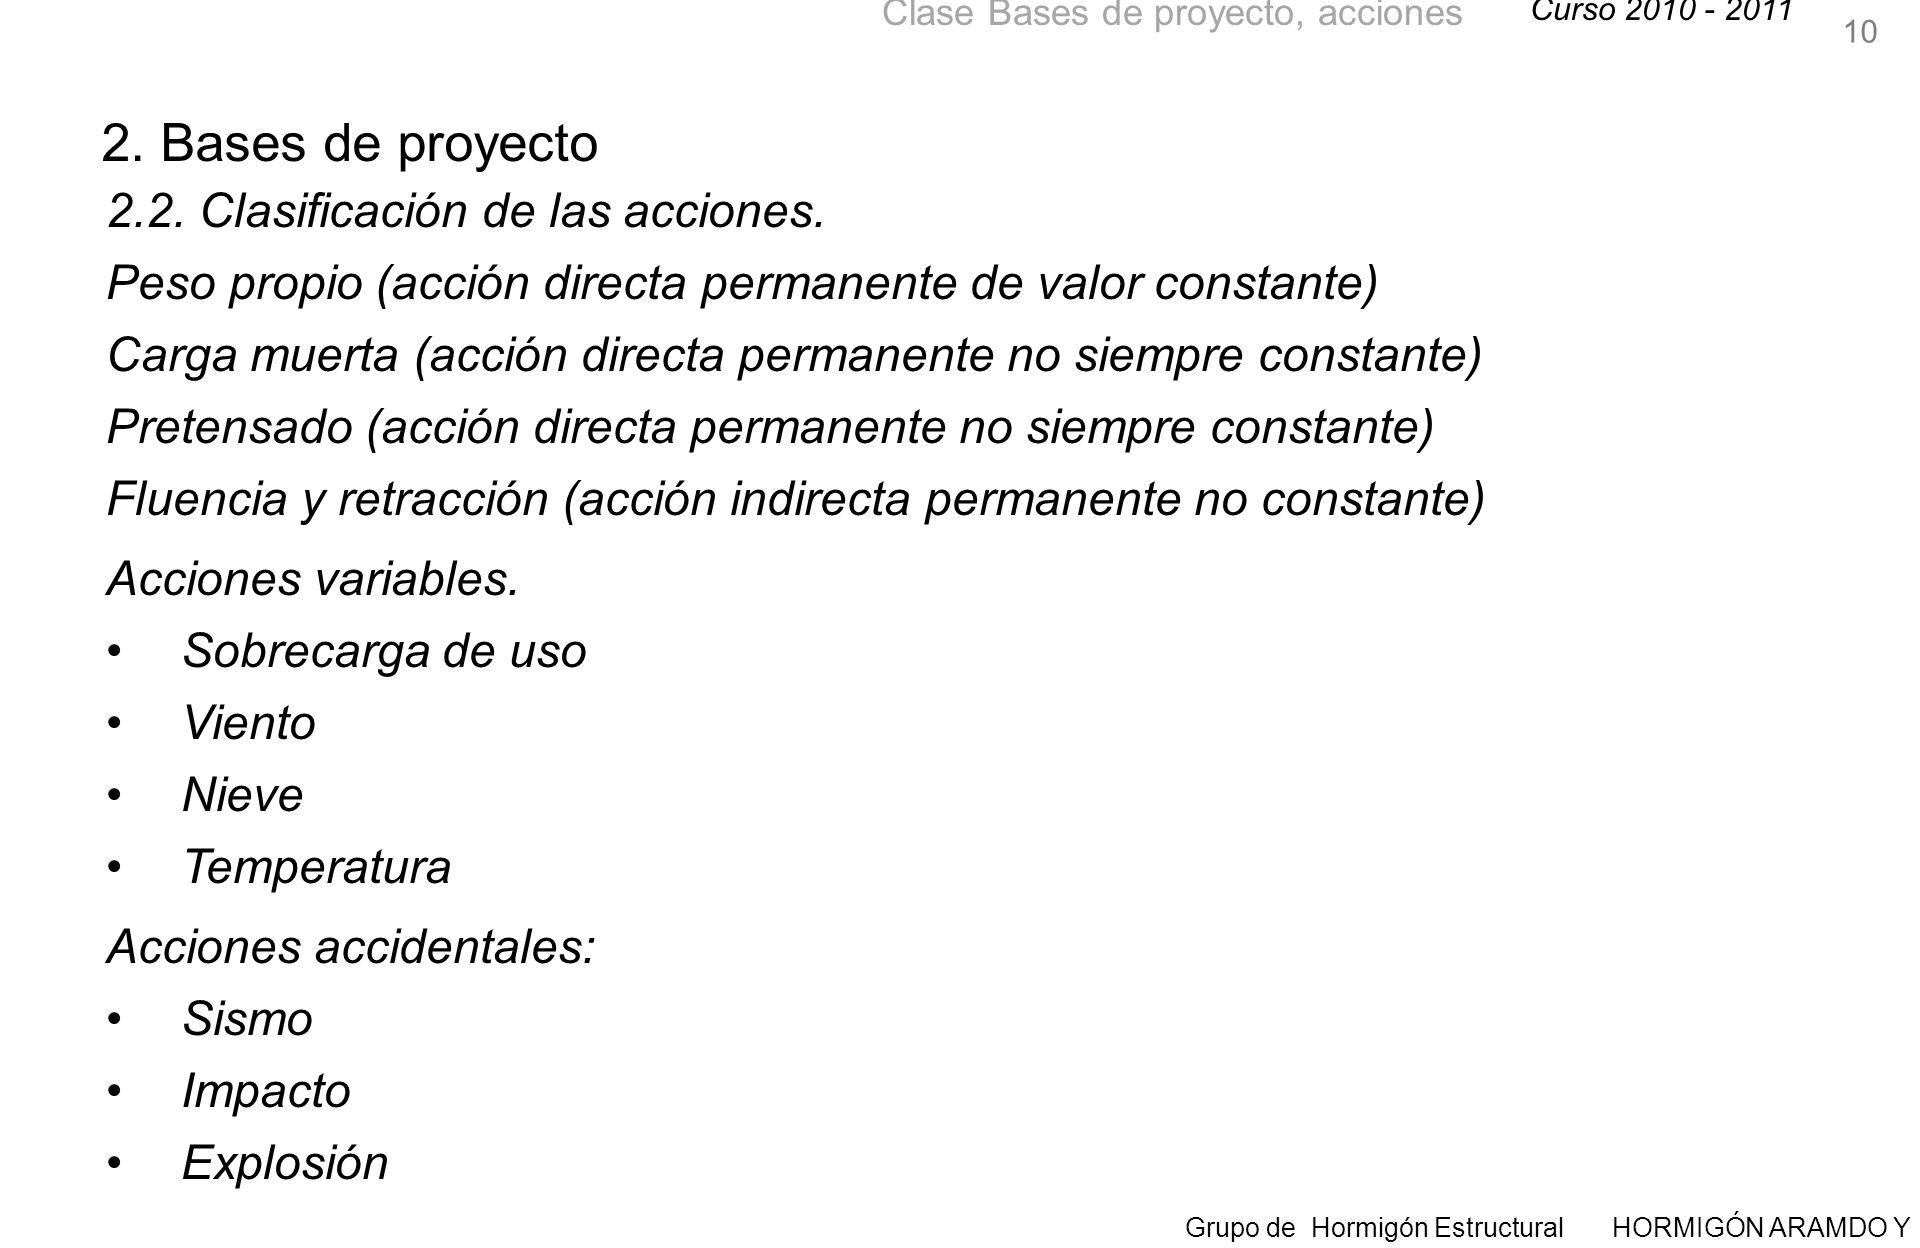 Curso 2010 - 2011 Grupo de Hormigón Estructural HORMIGÓN ARAMDO Y PRETENSADO II Clase Bases de proyecto, acciones 2.2.